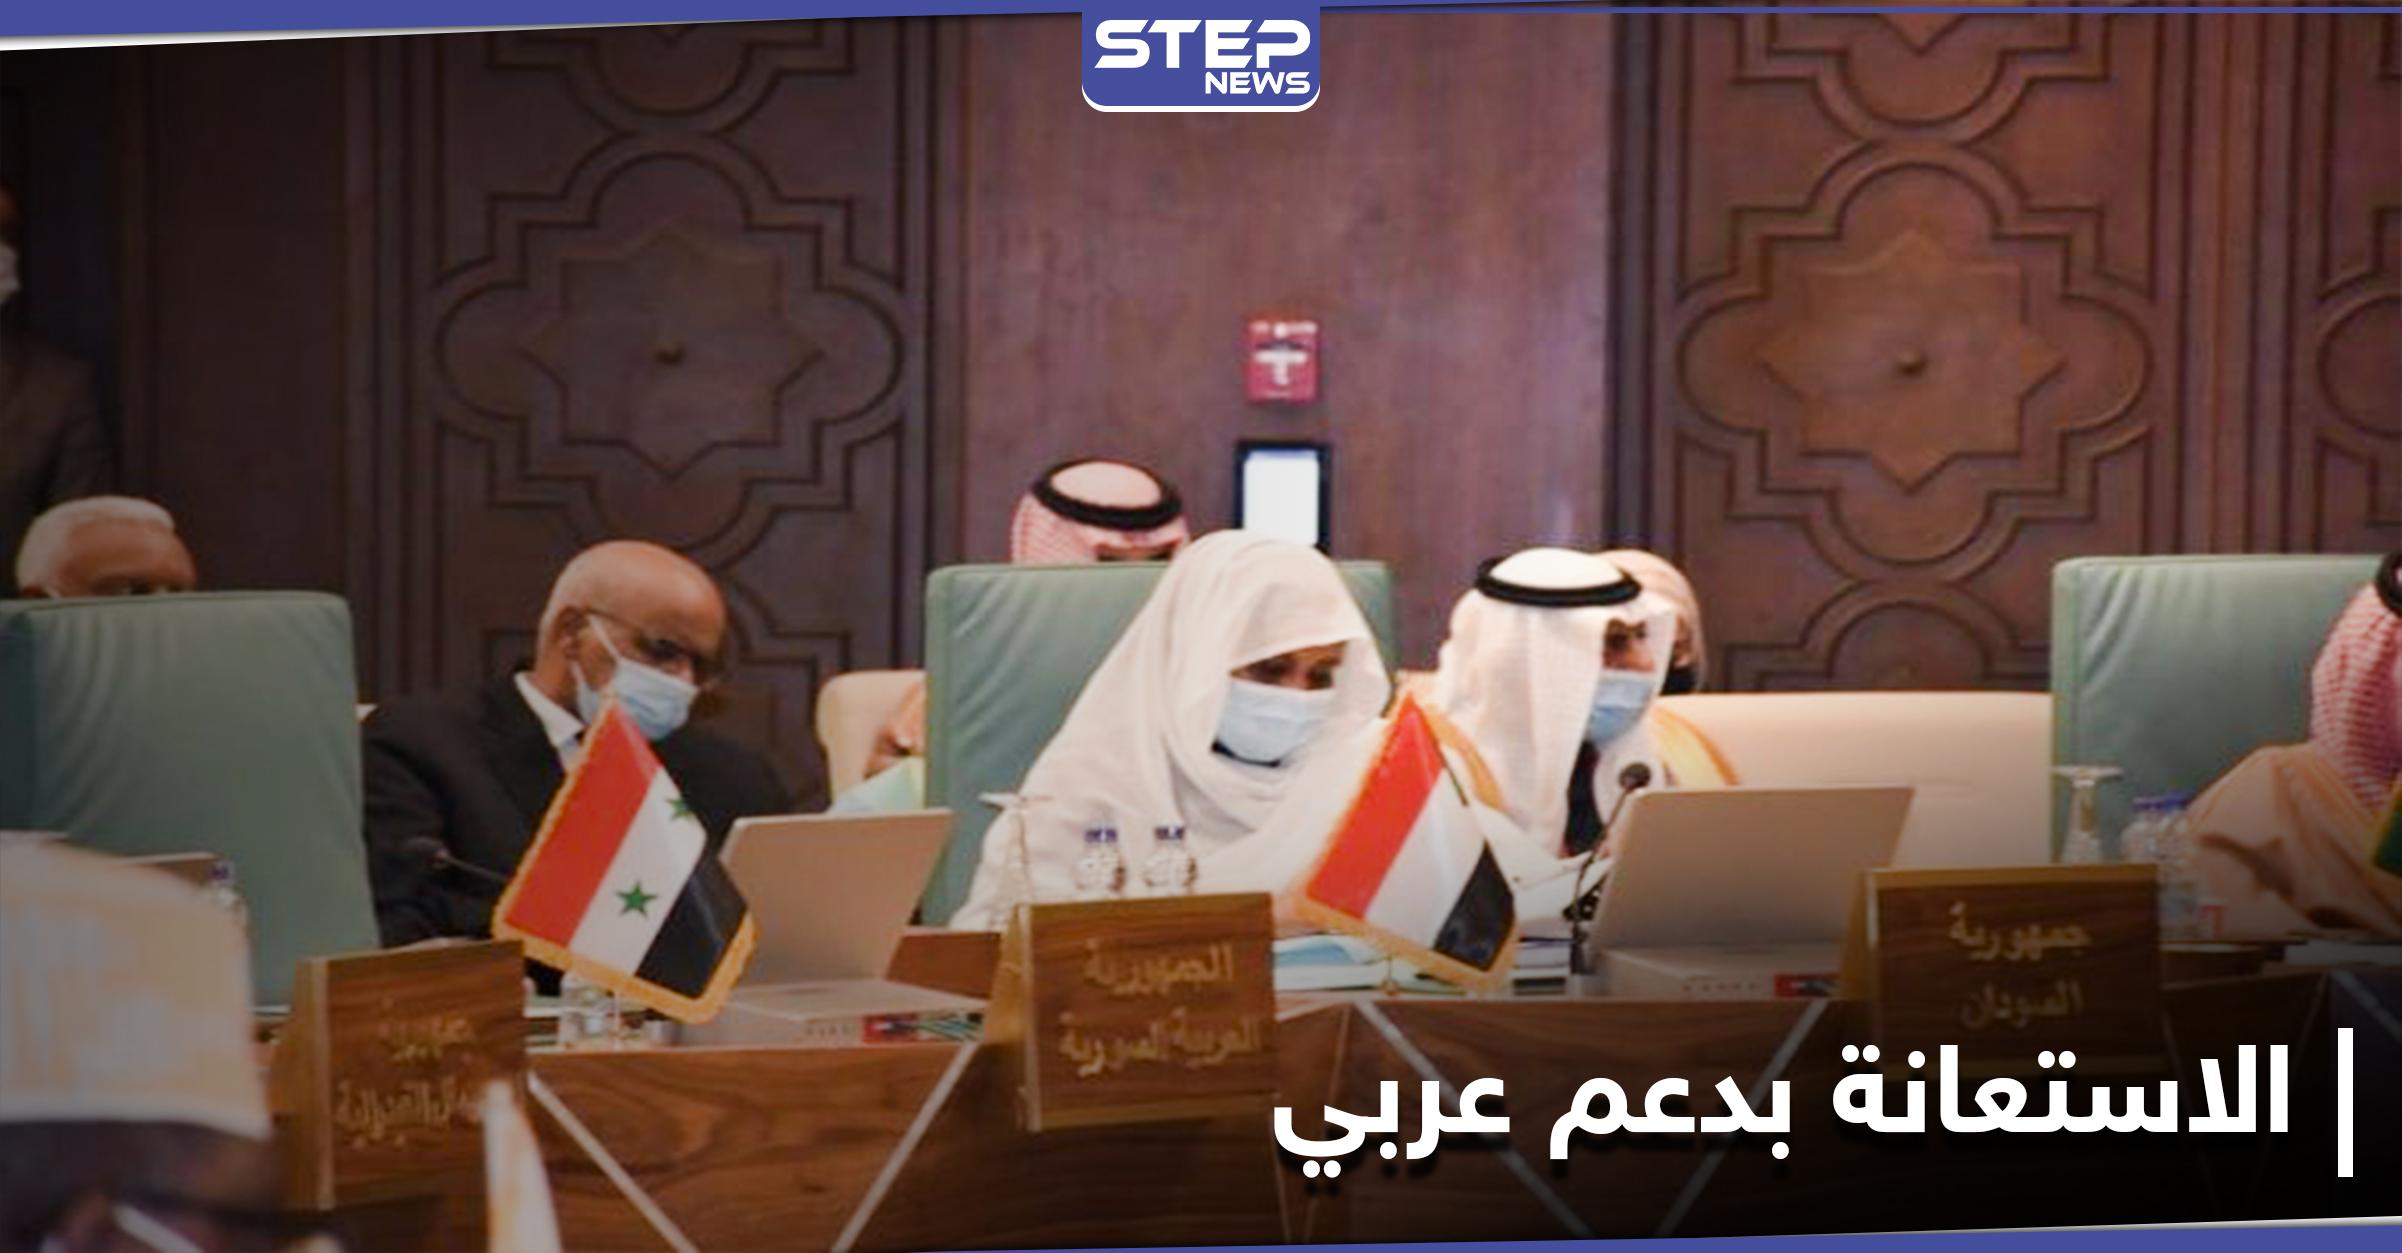 الخارجية السودانية... أزمة سد النهضة تدفع بالقاهرة والخرطوم لطلب دعم عربي